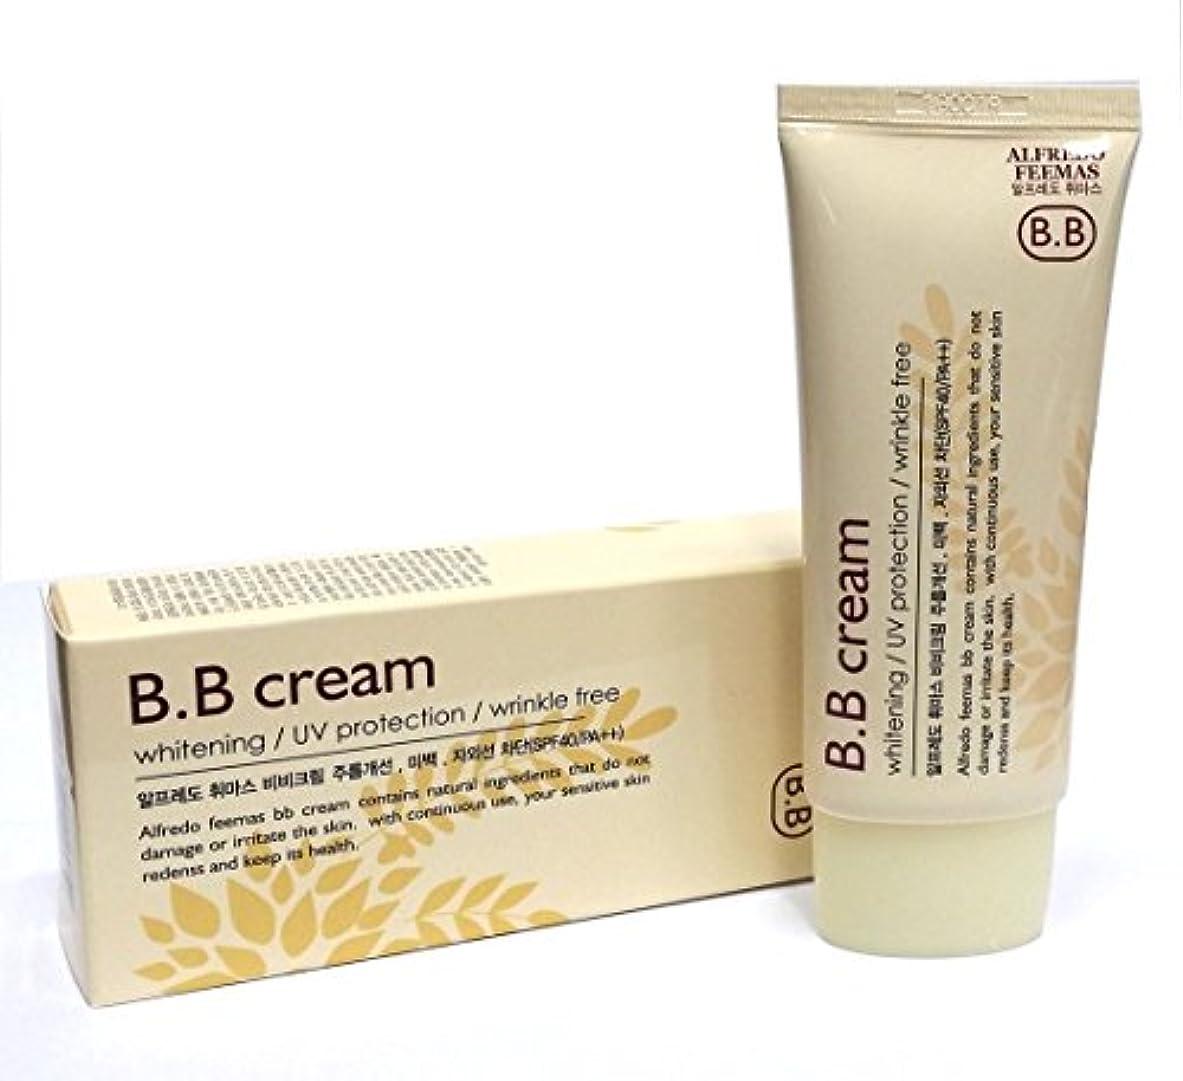 弱めるブラザー専らアルフレッドフェイマスBBクリーム50ml X 3ea / Alfredo feemas BB cream 50ml X 3ea / ホワイトニング、しわ、UVプロテクション(SPF40 PA ++)/ Whitening...